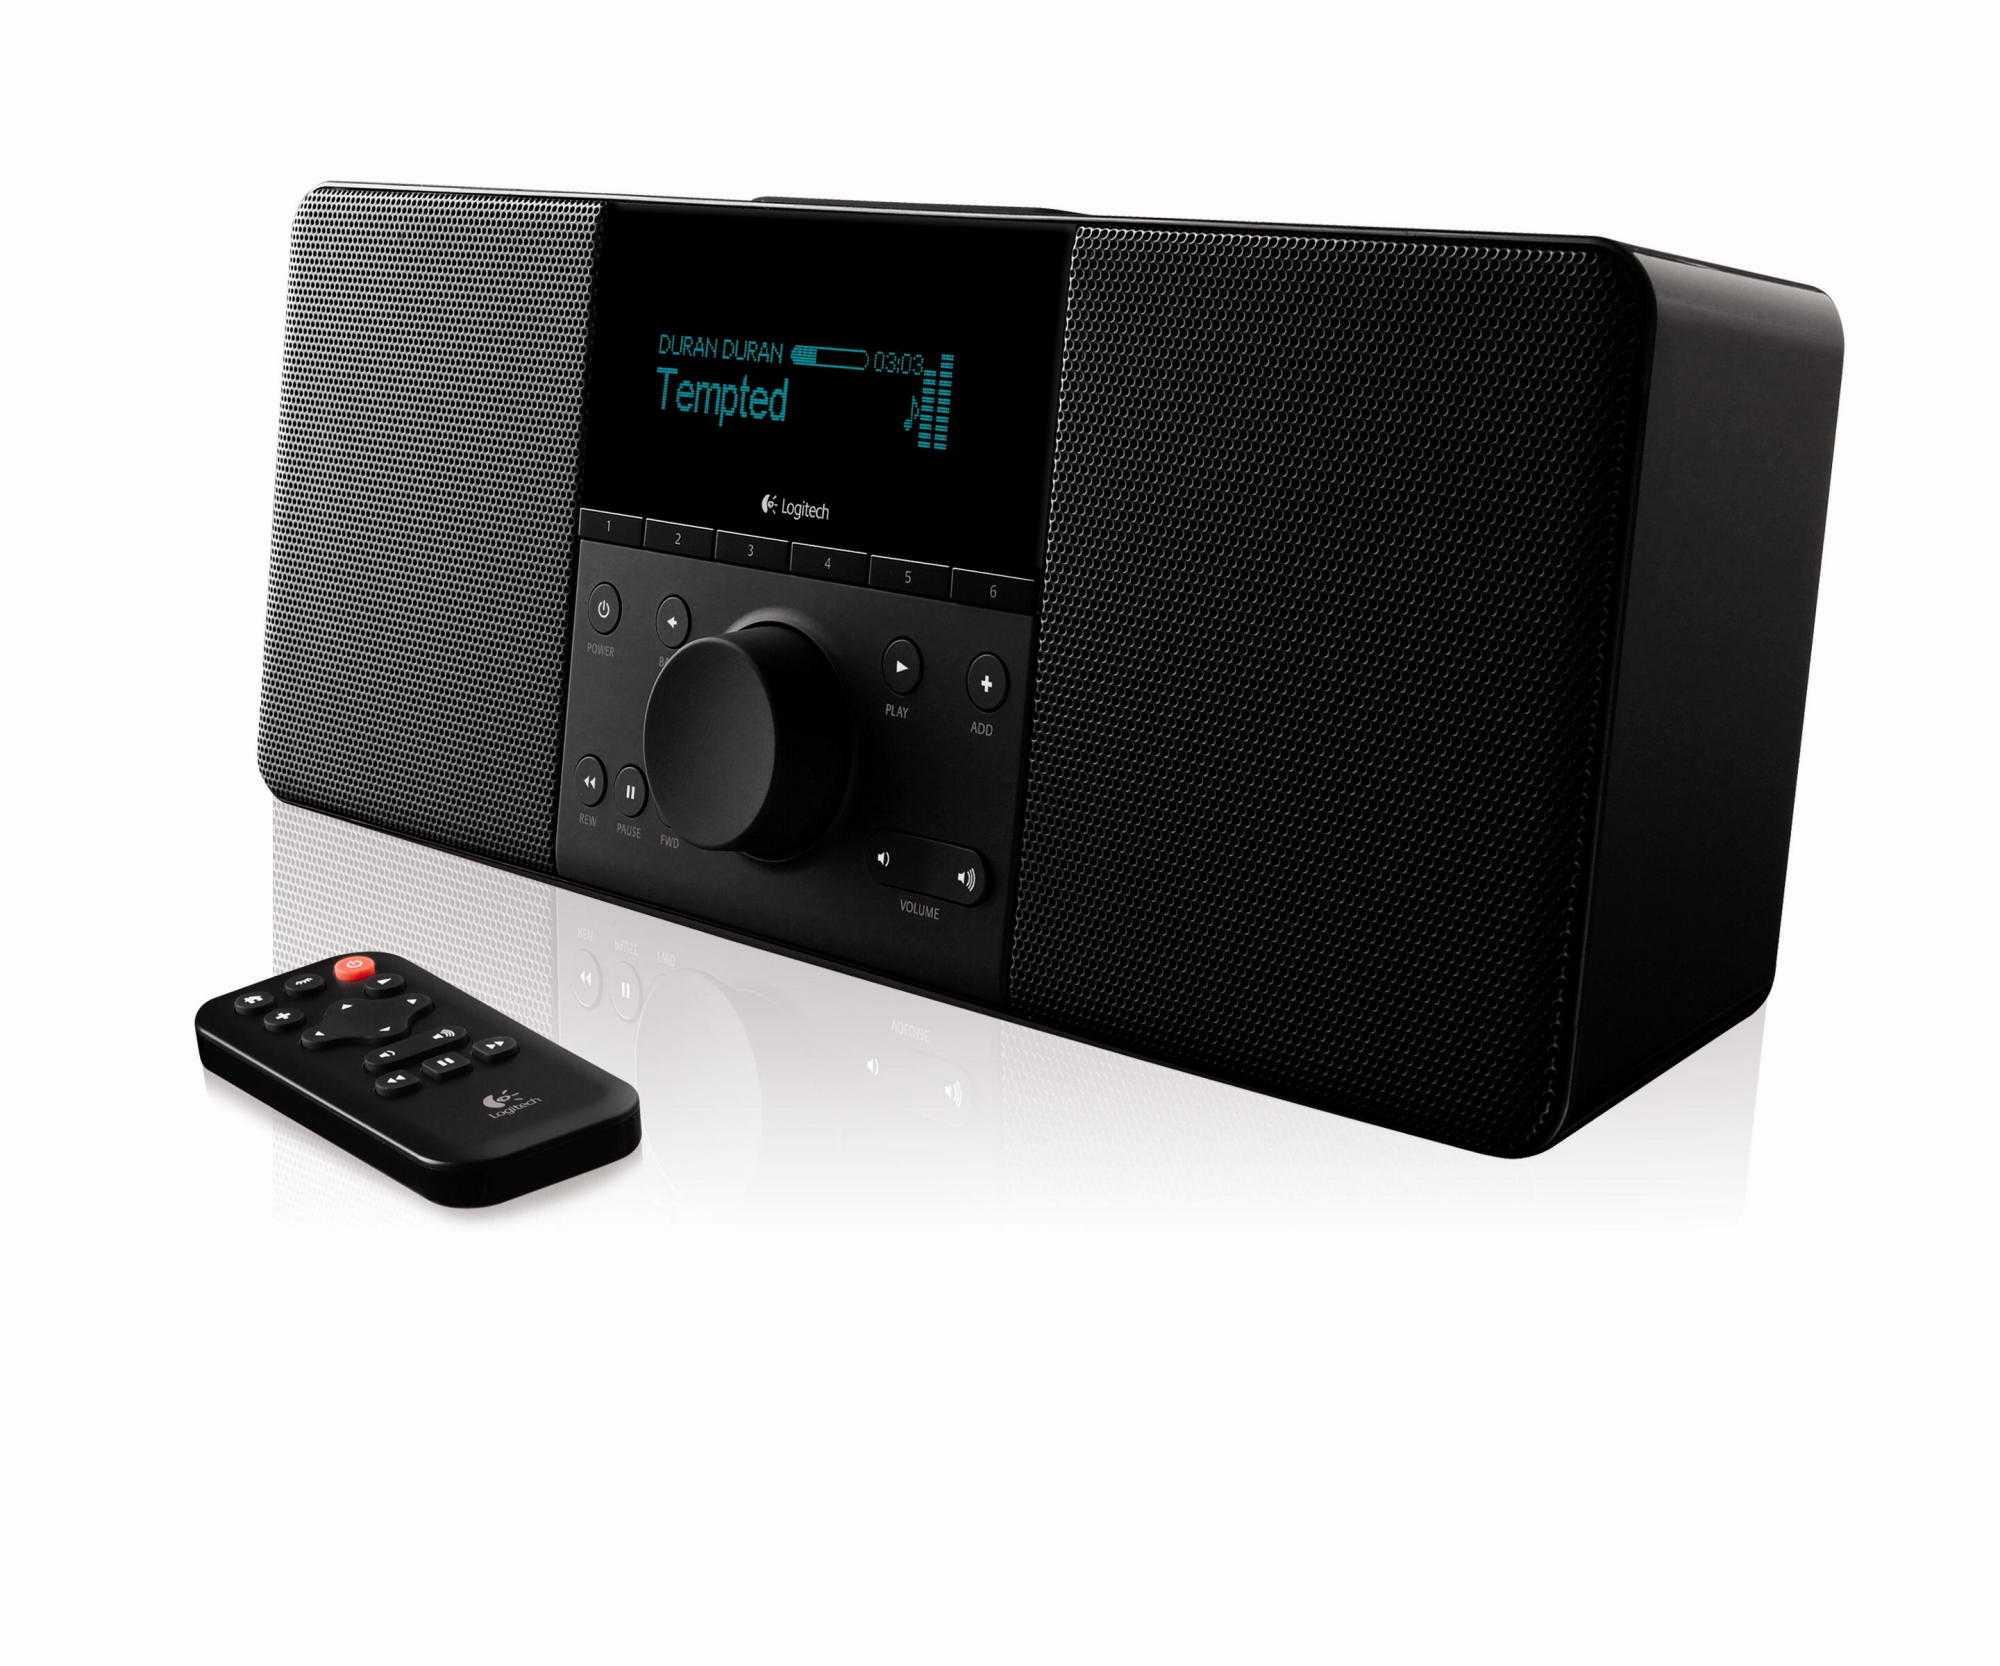 Der Boom gibt Musik und Internetradio per WLAN wieder.